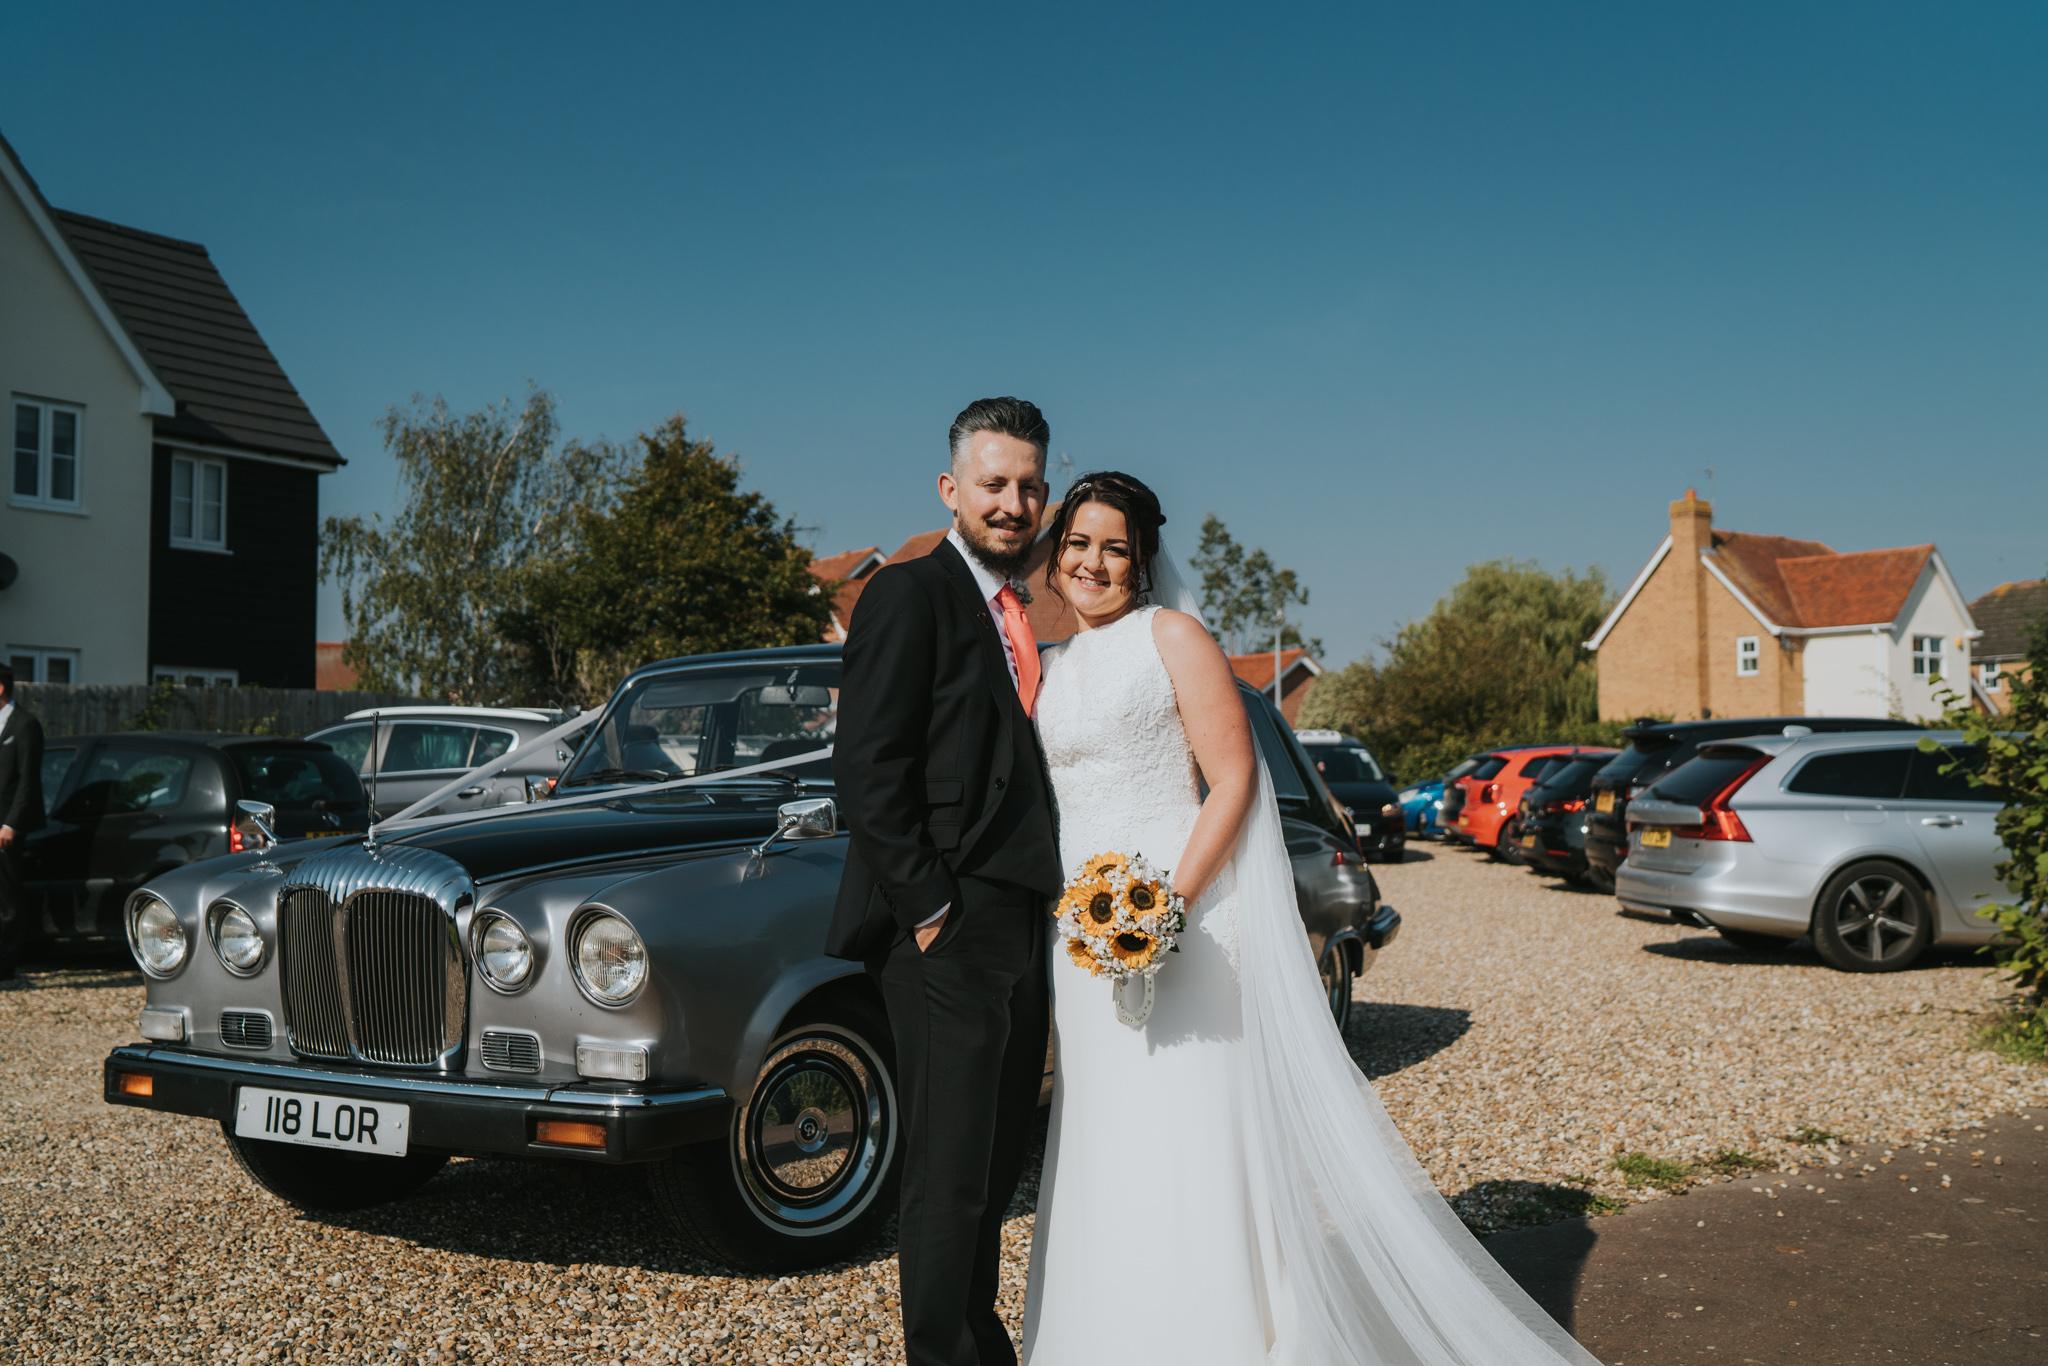 Joe-Tiffany-Colchester-Castle-Wedding-Essex-Grace-Elizabeth-Colchester-Essex-Alternative-Wedding-Photographer-Suffolk-Norfolk-Devon (74 of 122).jpg